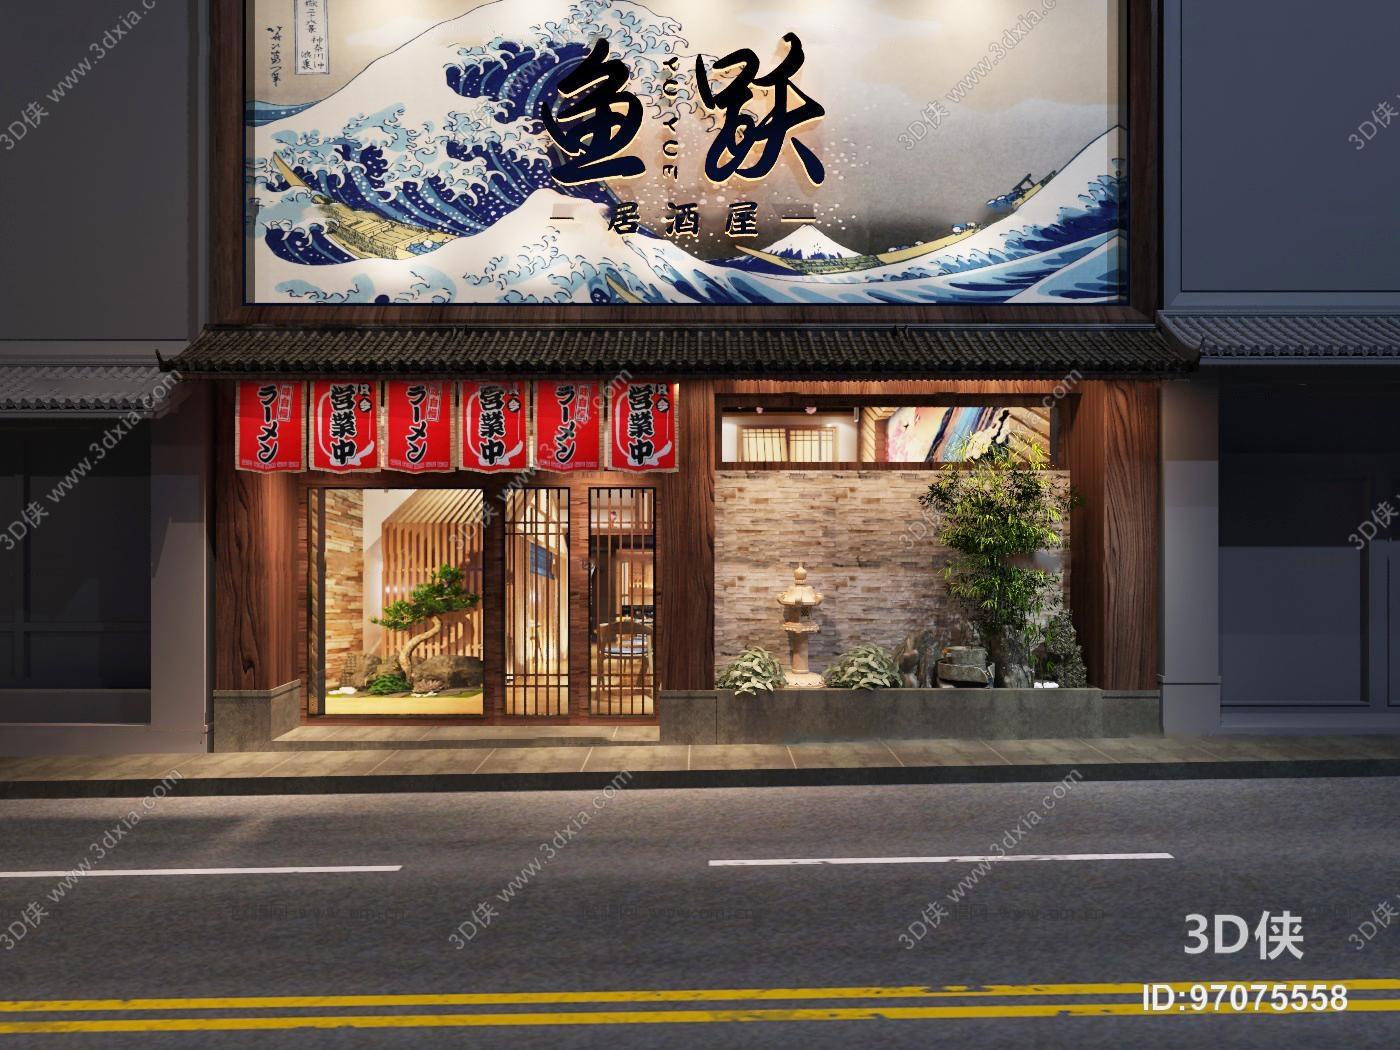 日式寿司店门面3D模型